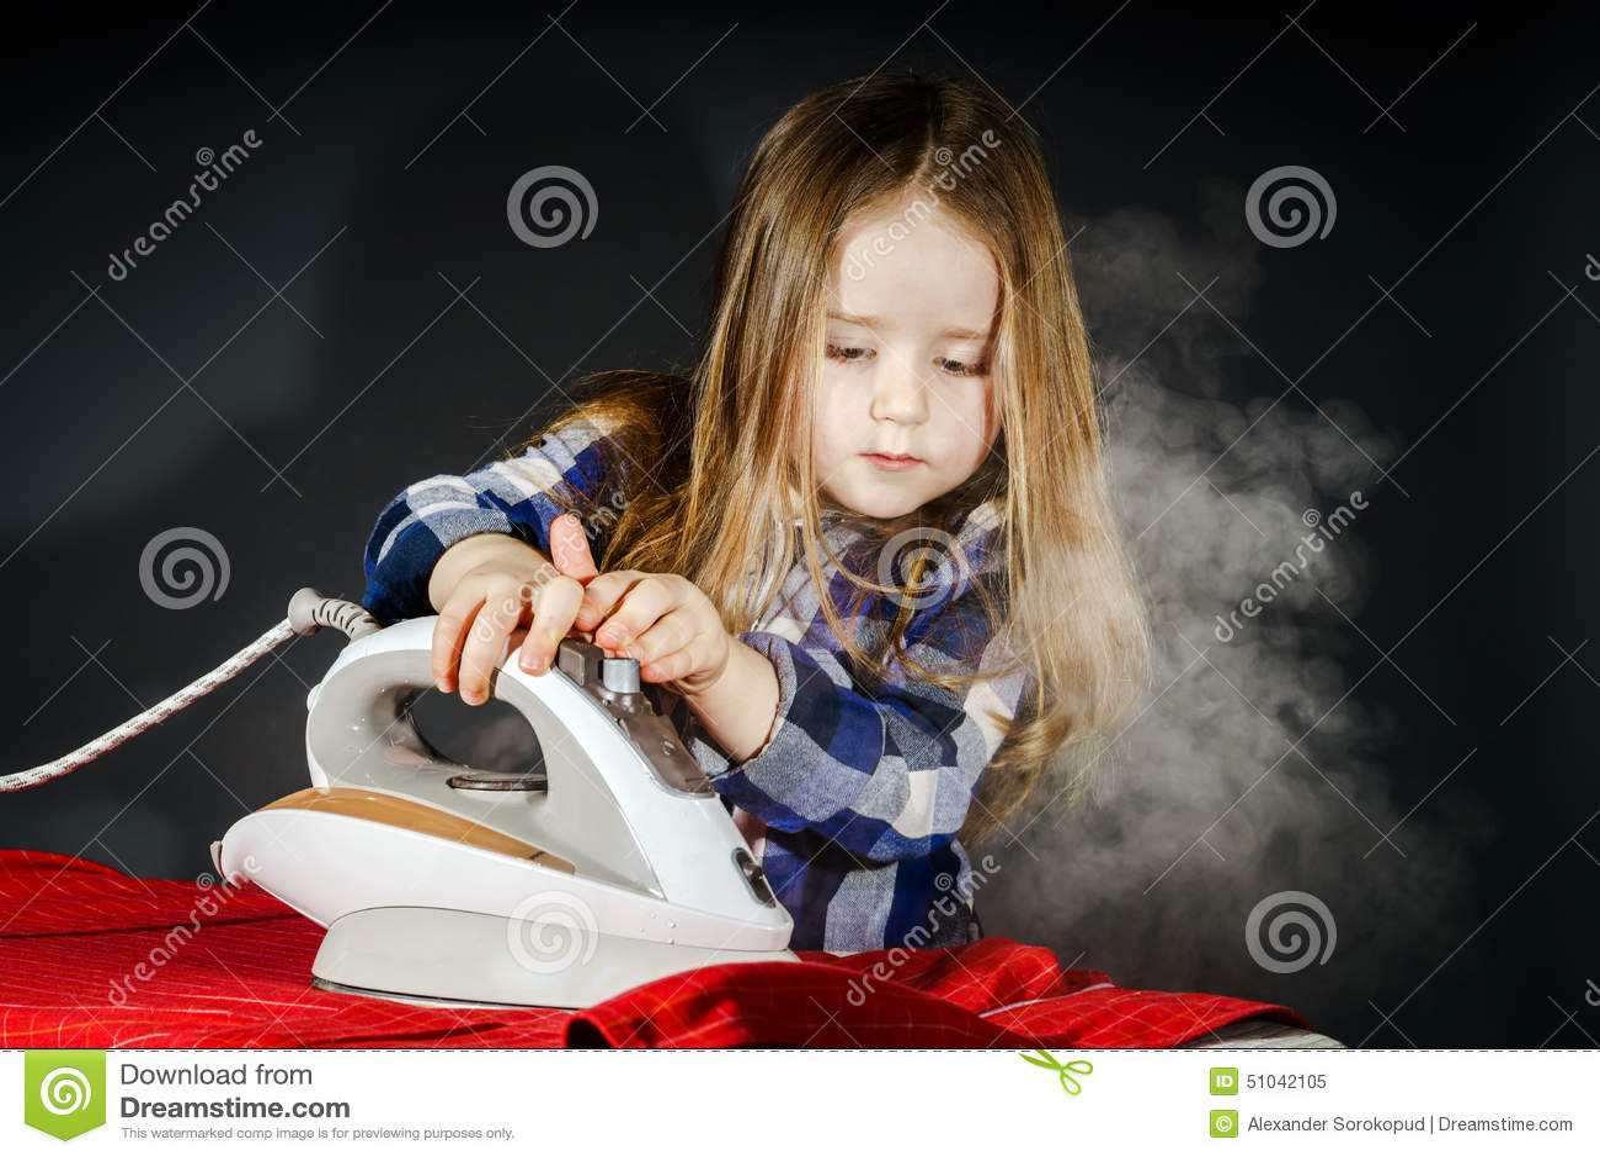 Nettes kleines Mädchen, das Ihrer Mutter durch das Bügeln von Kleidung, Contras hilft